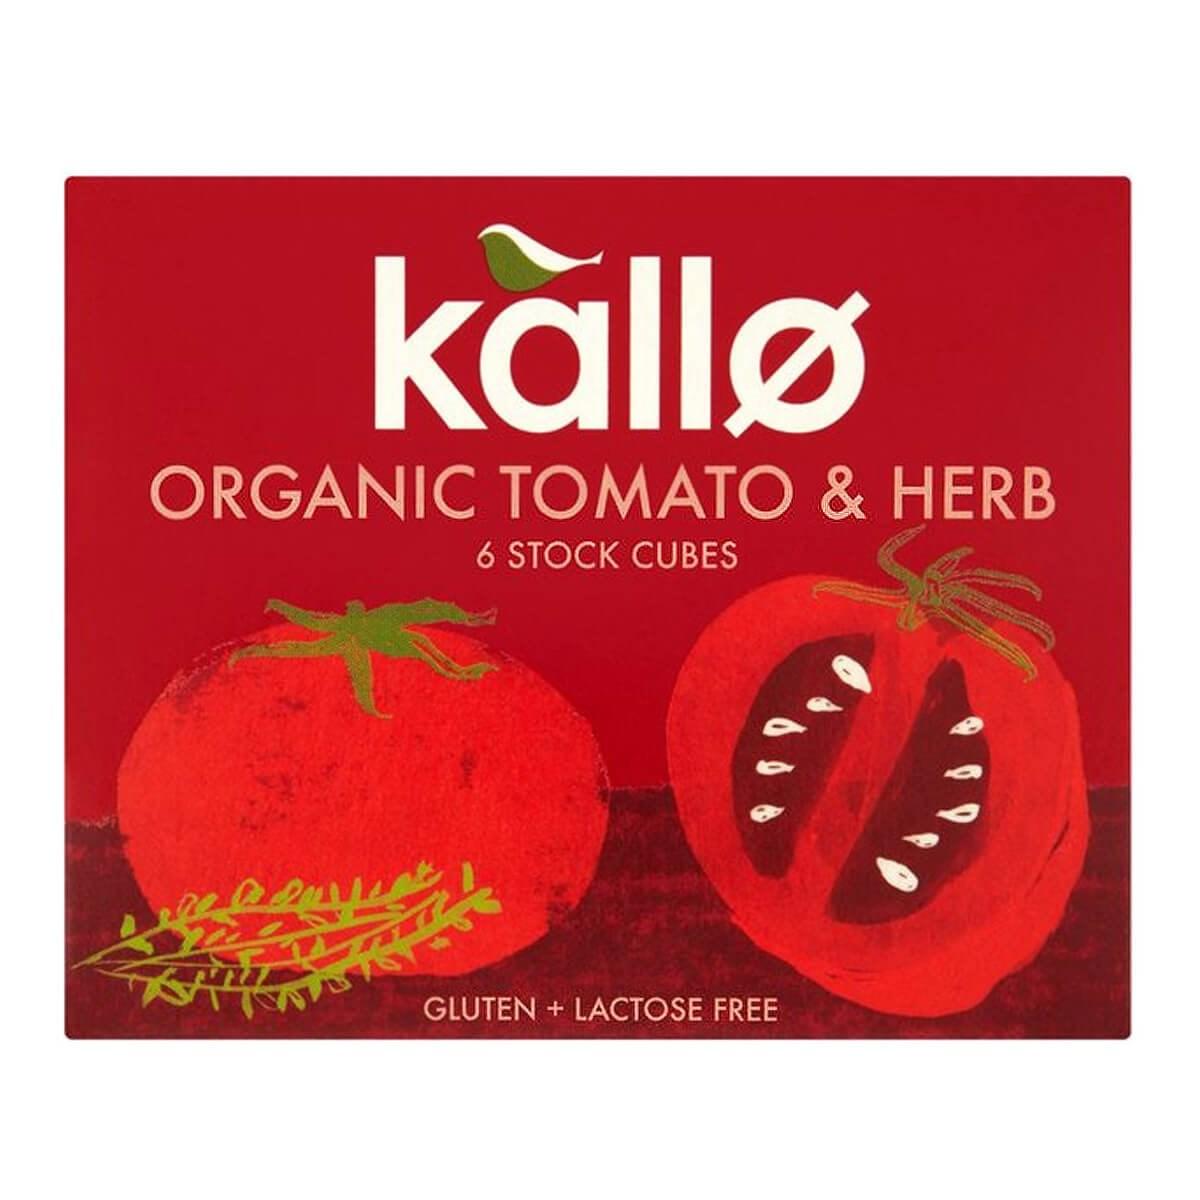 Kallo Organic Tomato & Herb Stock Cubes